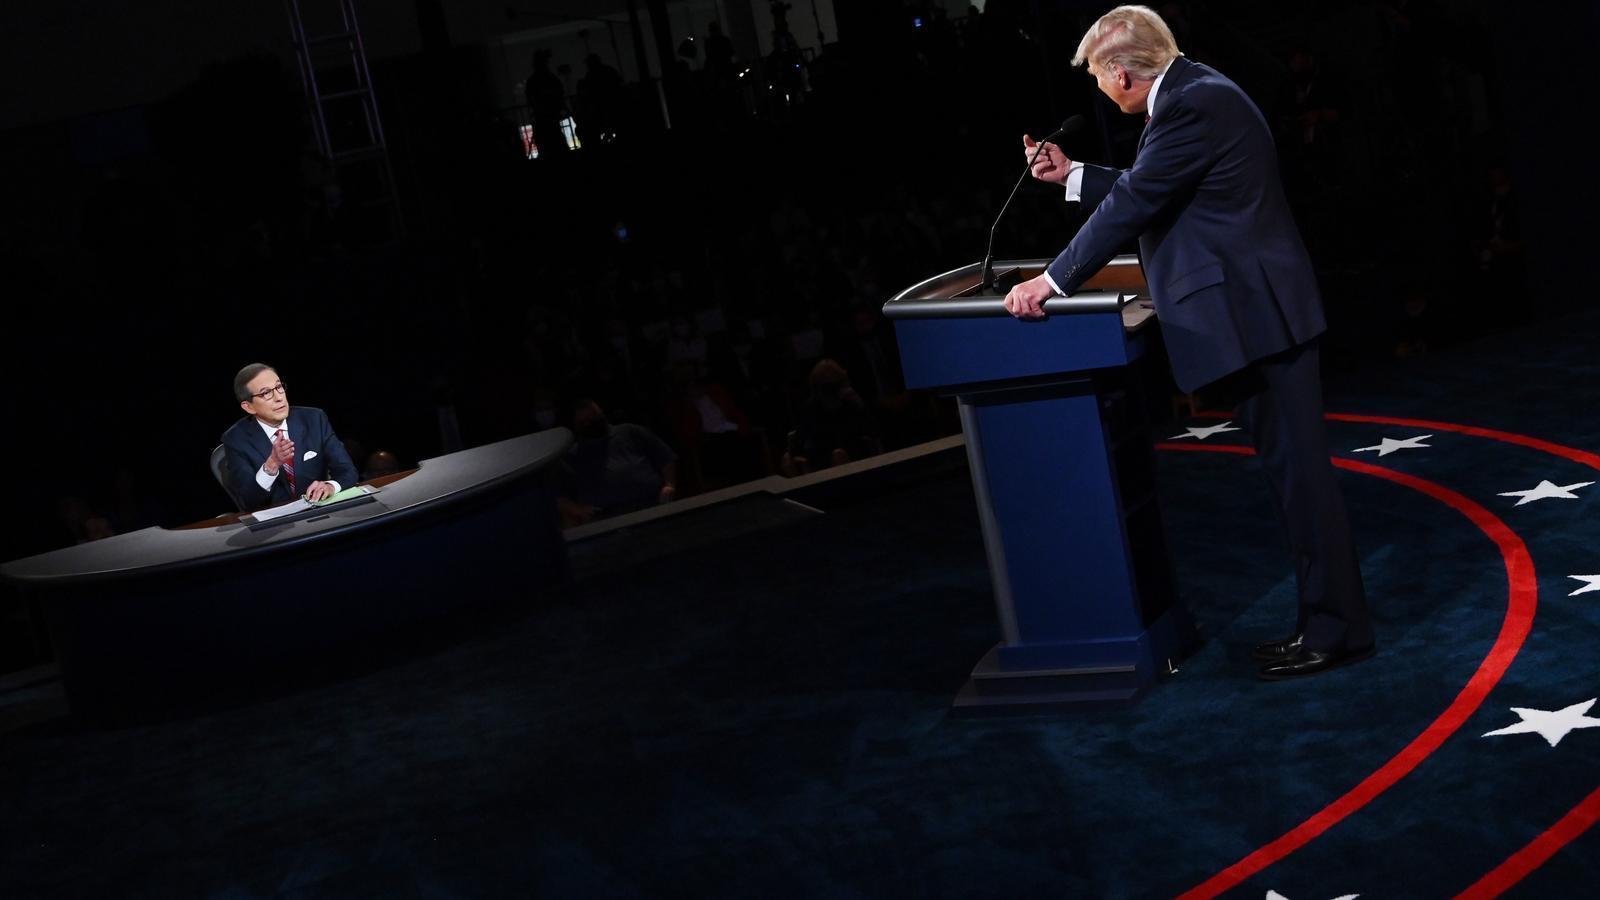 Donald Trump parlant amb el moderador Chris Wallace durant el debat electoral dels EUA